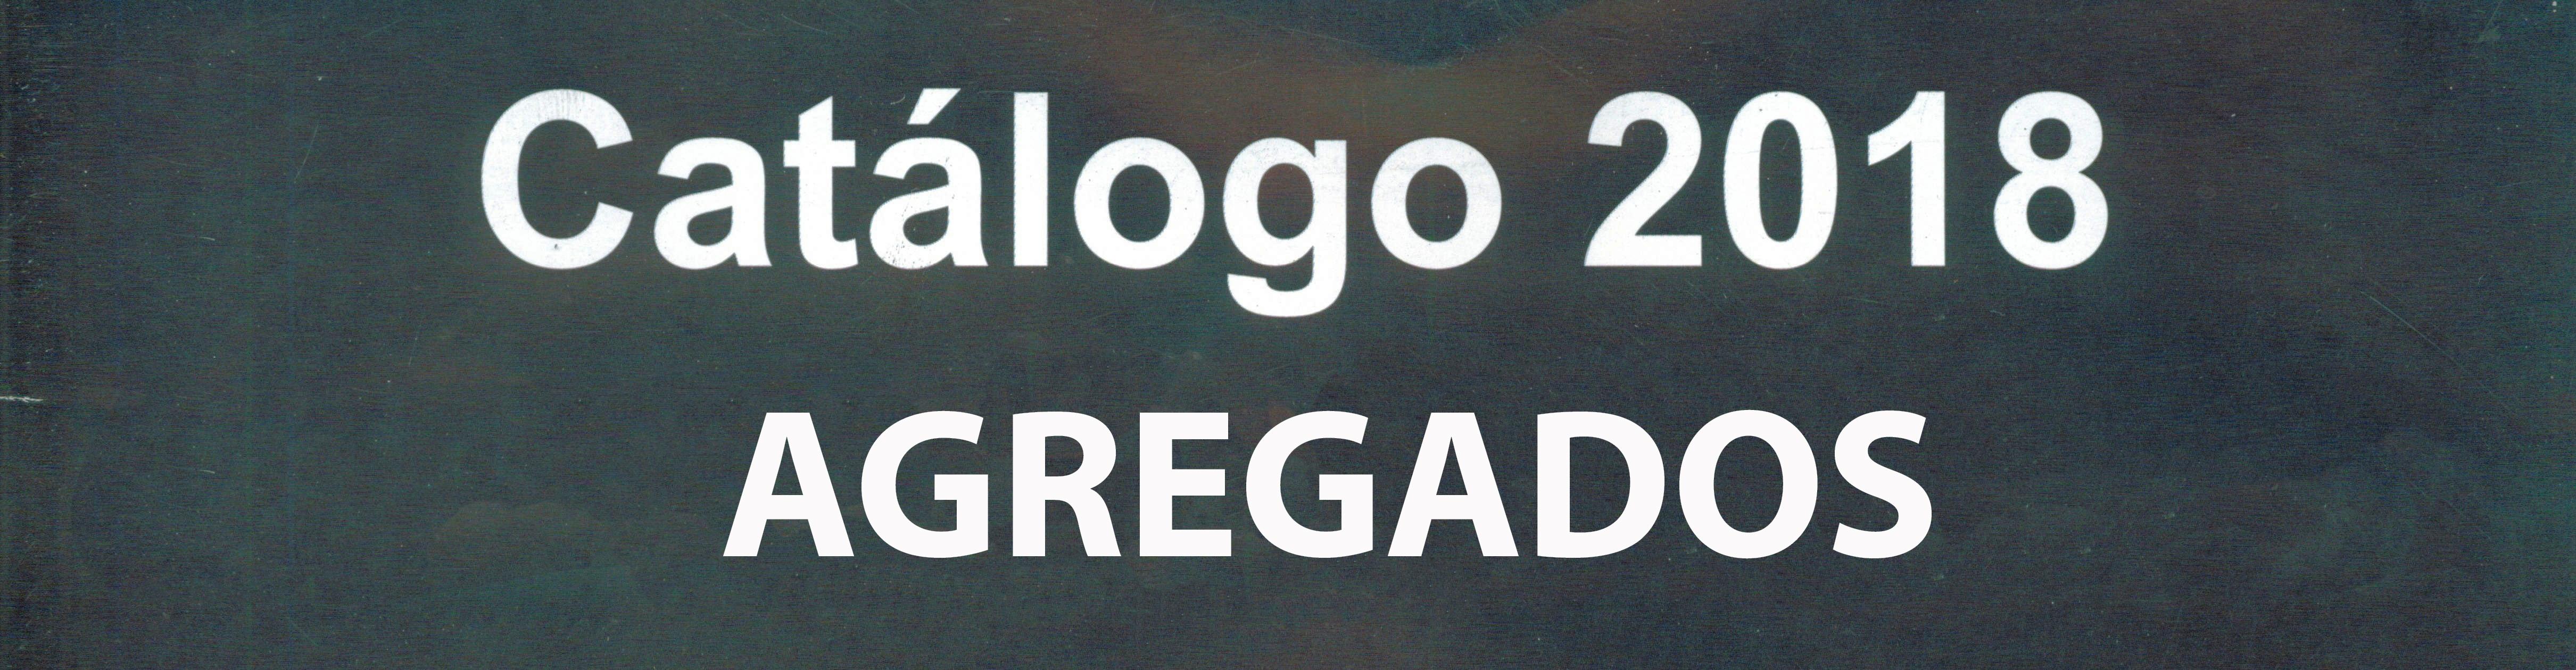 AGREGADOS CATALOGO 2018 (JUNIO 2021)